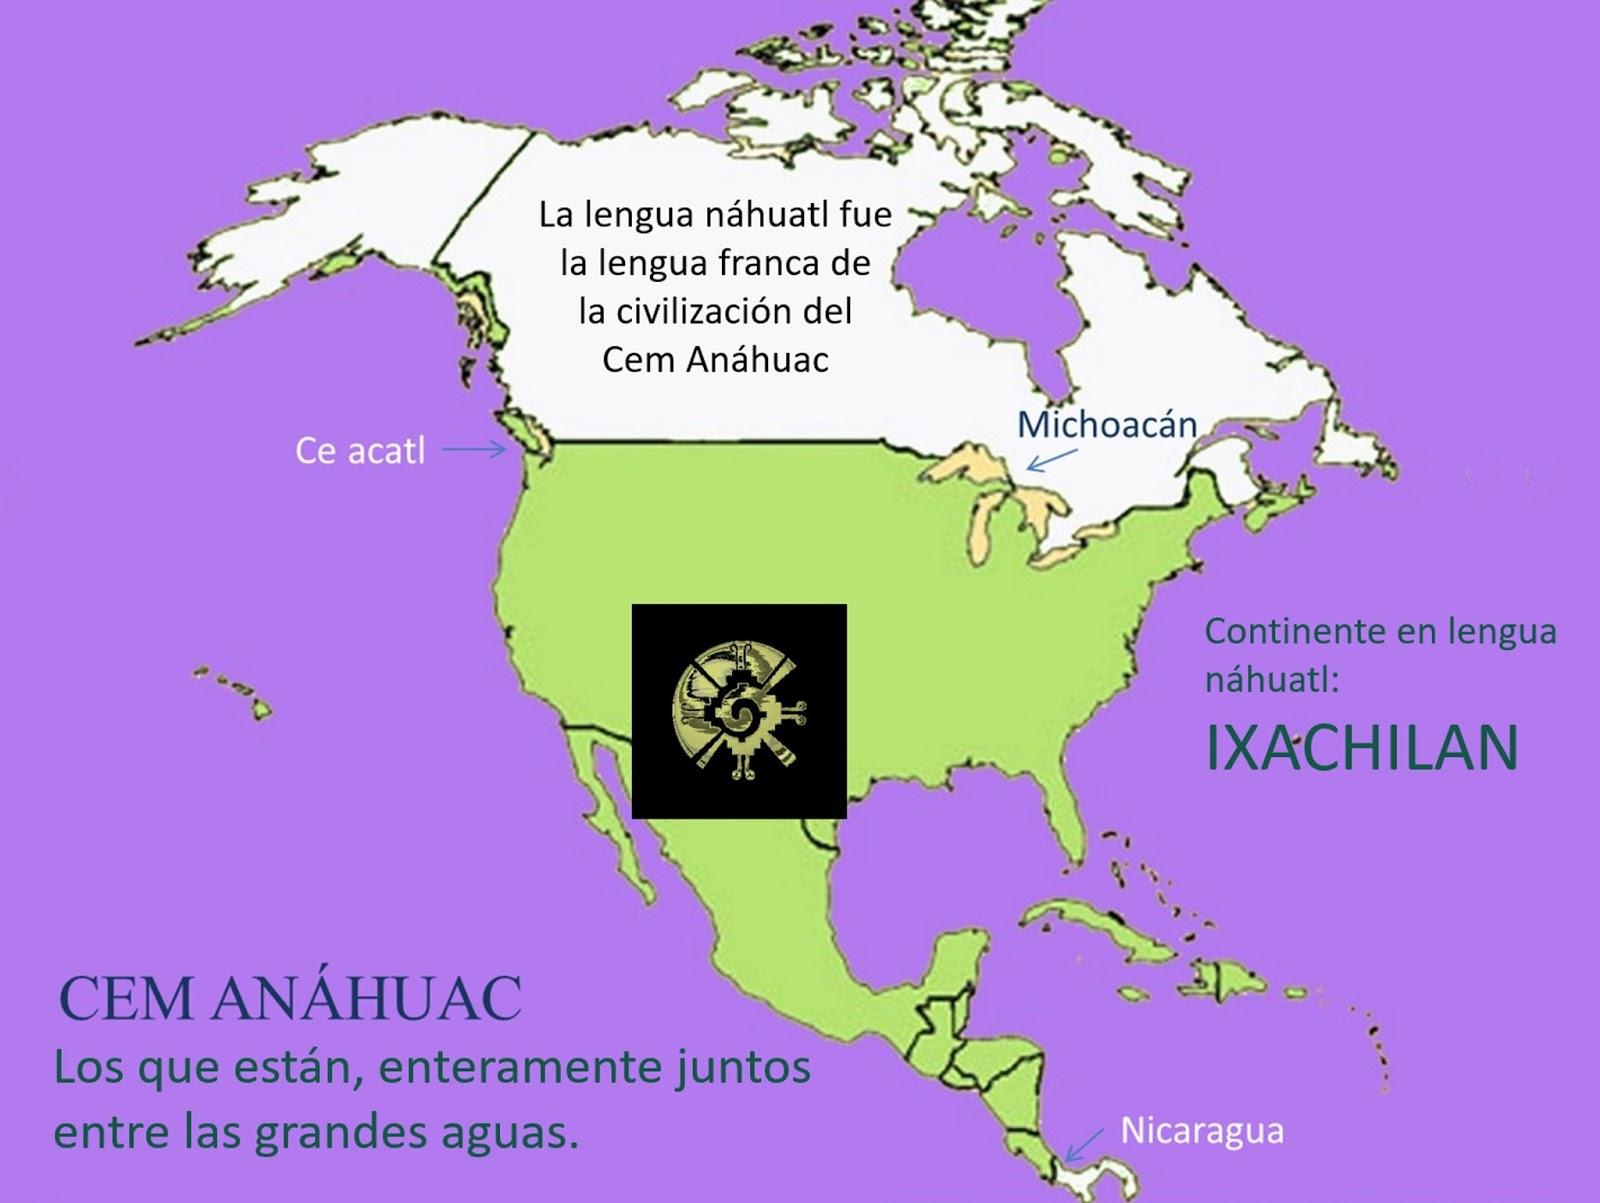 La civilización del Anáhuac<br>